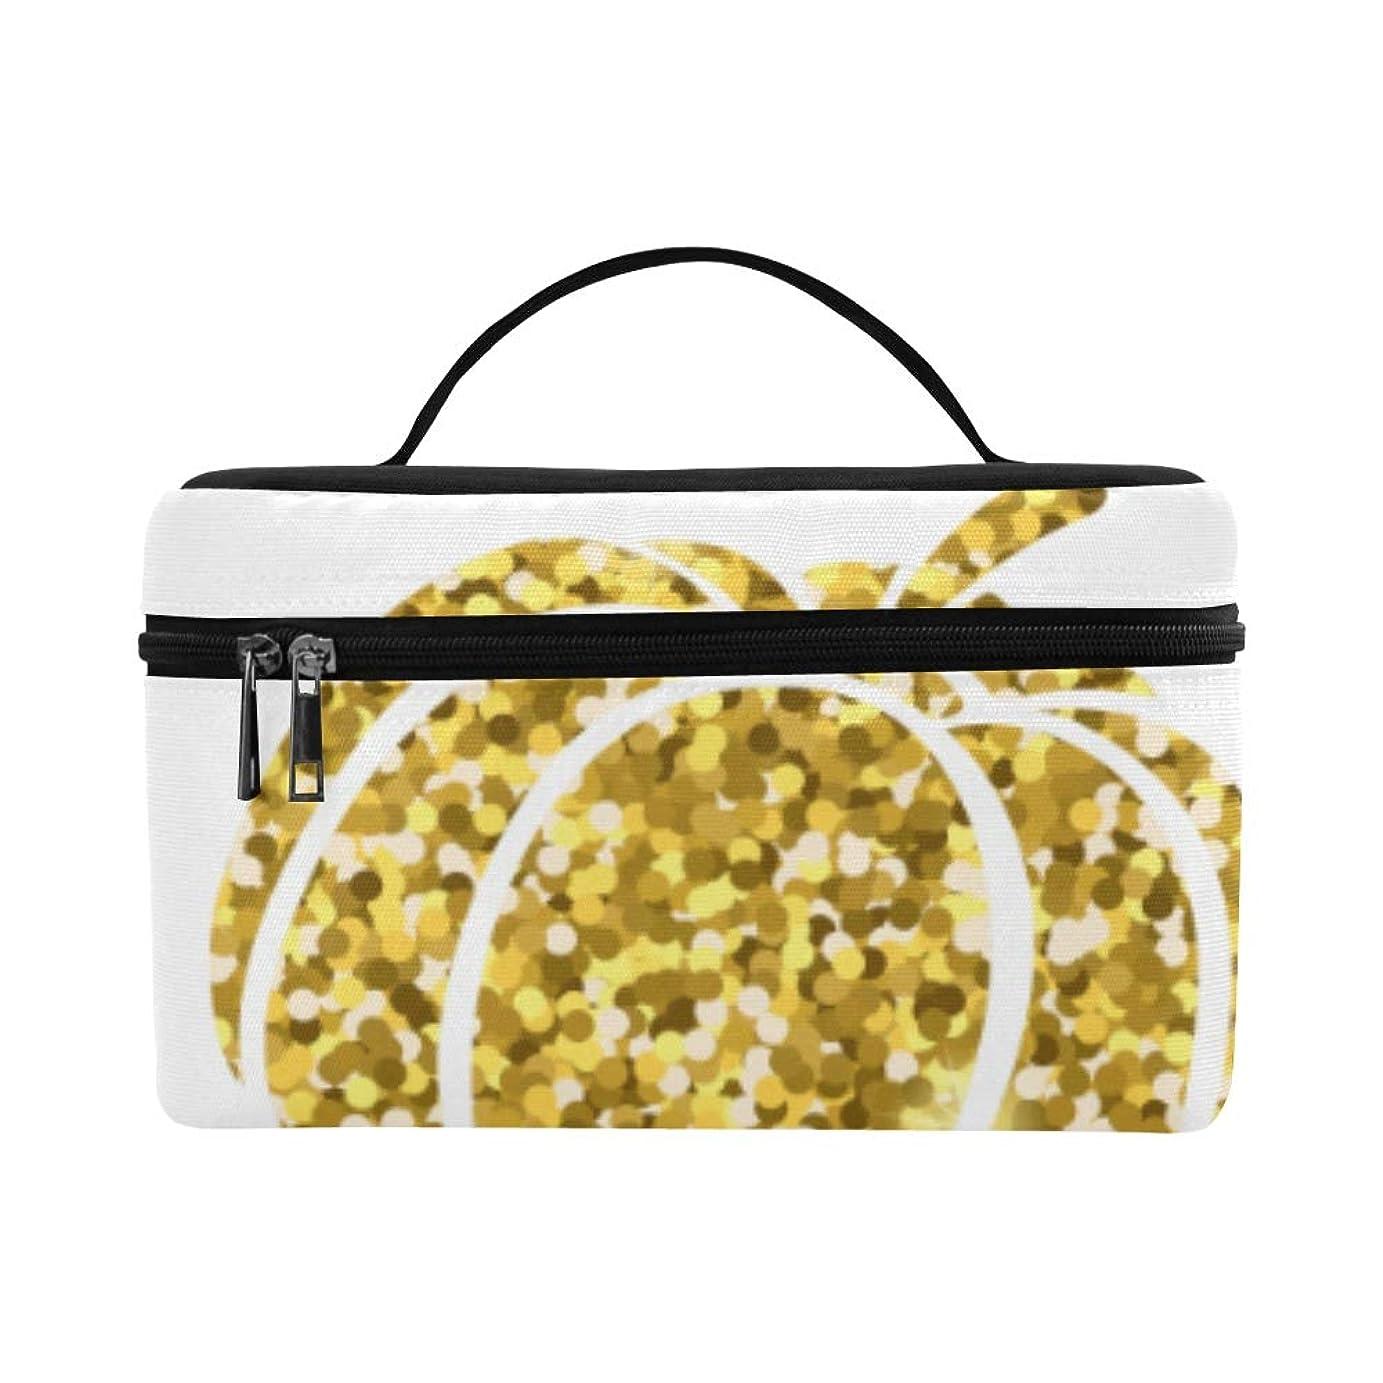 勝者長くするモンスターGGSXD メイクボックス おいしいかぼちゃ コスメ収納 化粧品収納ケース 大容量 収納ボックス 化粧品入れ 化粧バッグ 旅行用 メイクブラシバッグ 化粧箱 持ち運び便利 プロ用